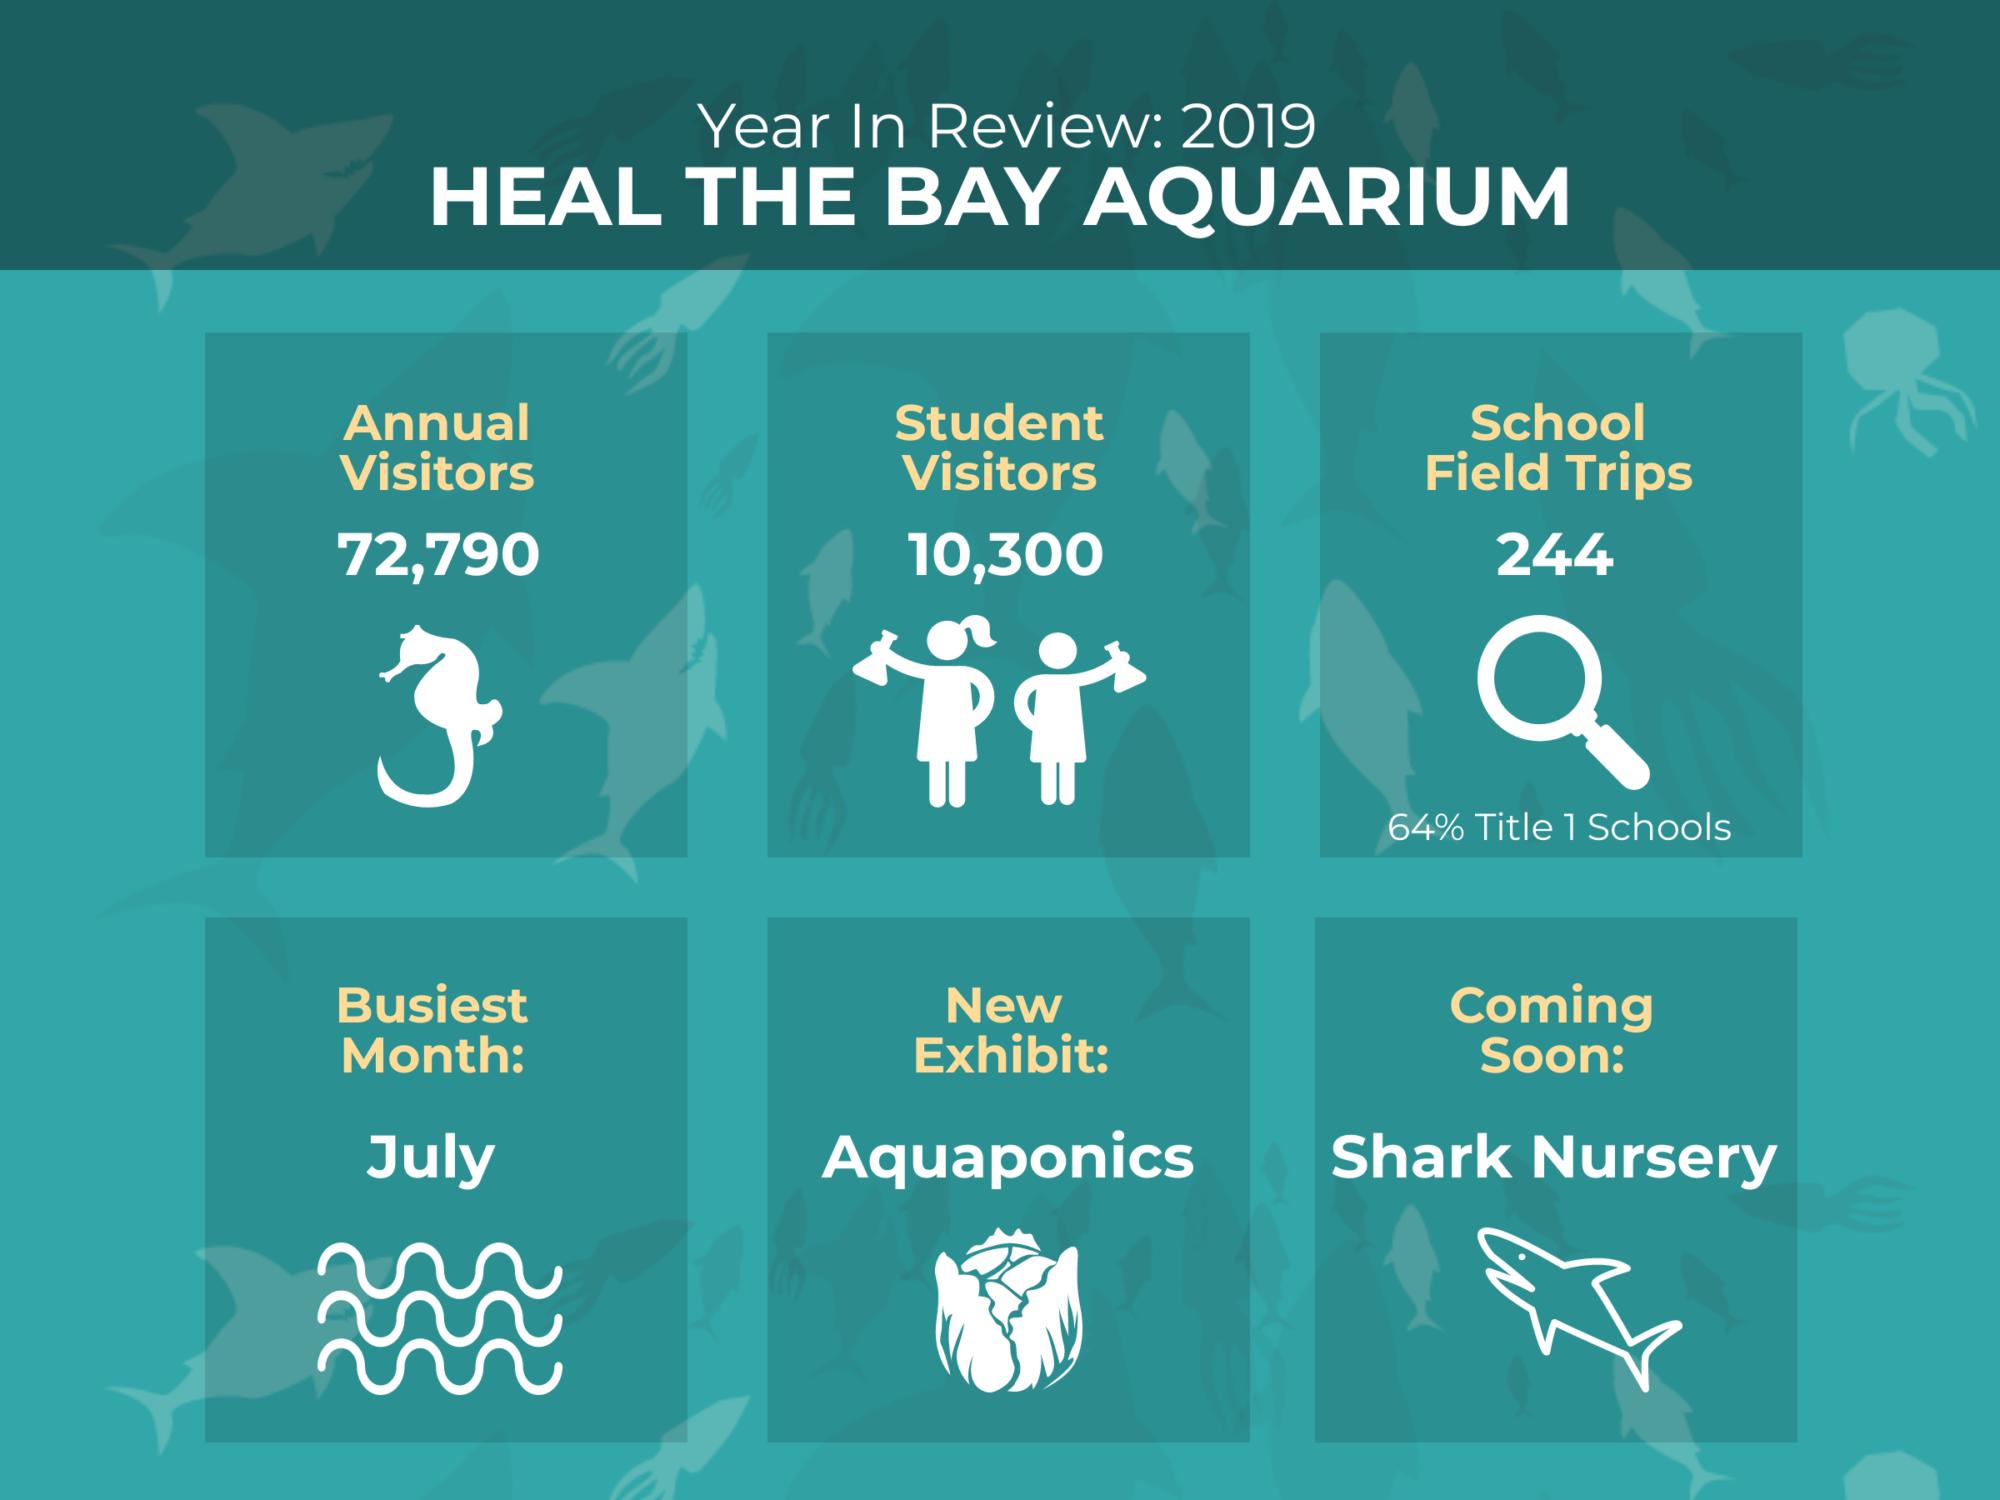 heal the bay aquarium